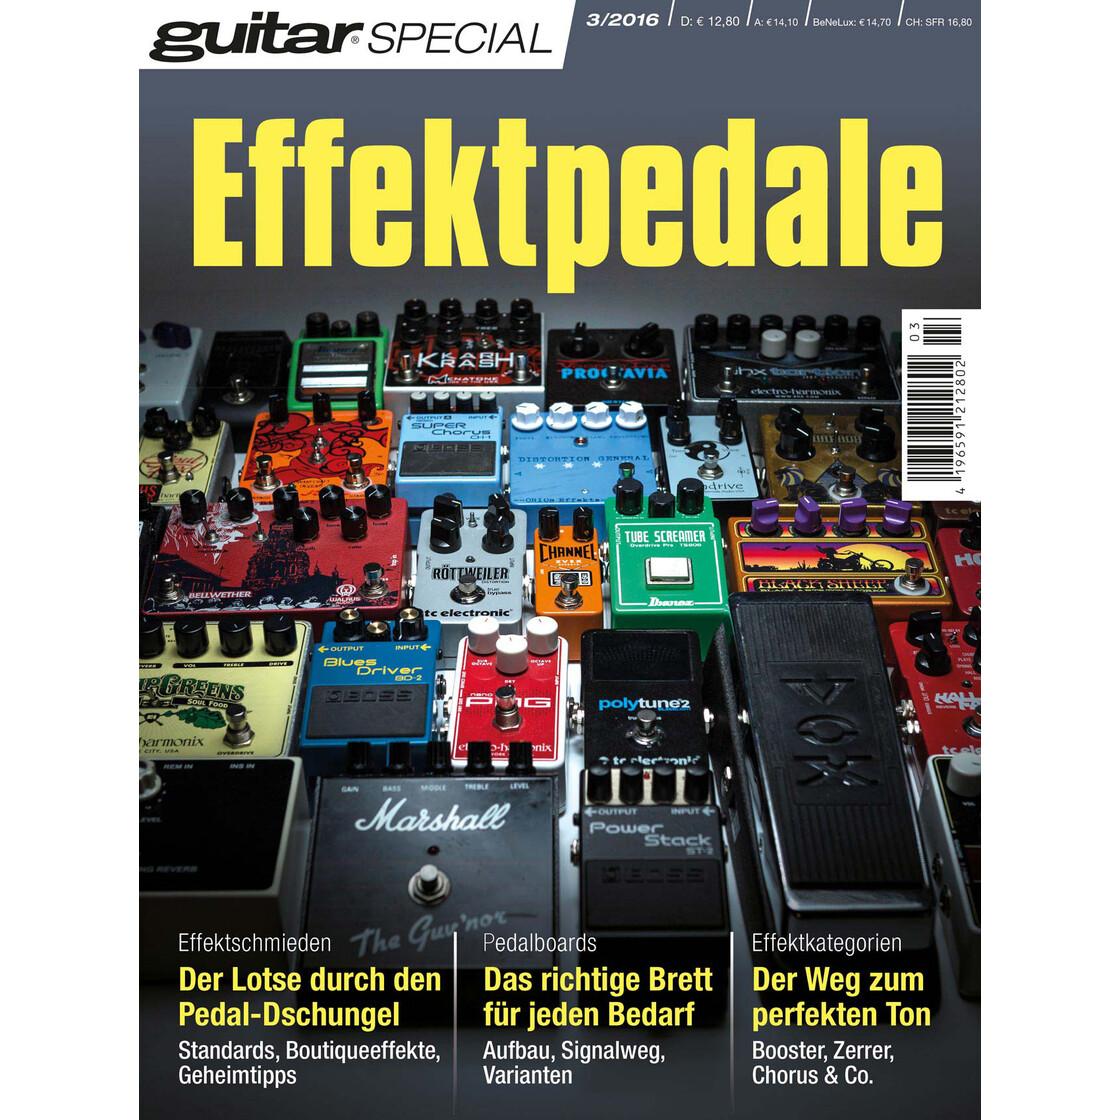 Effektpedale - Guitar Special